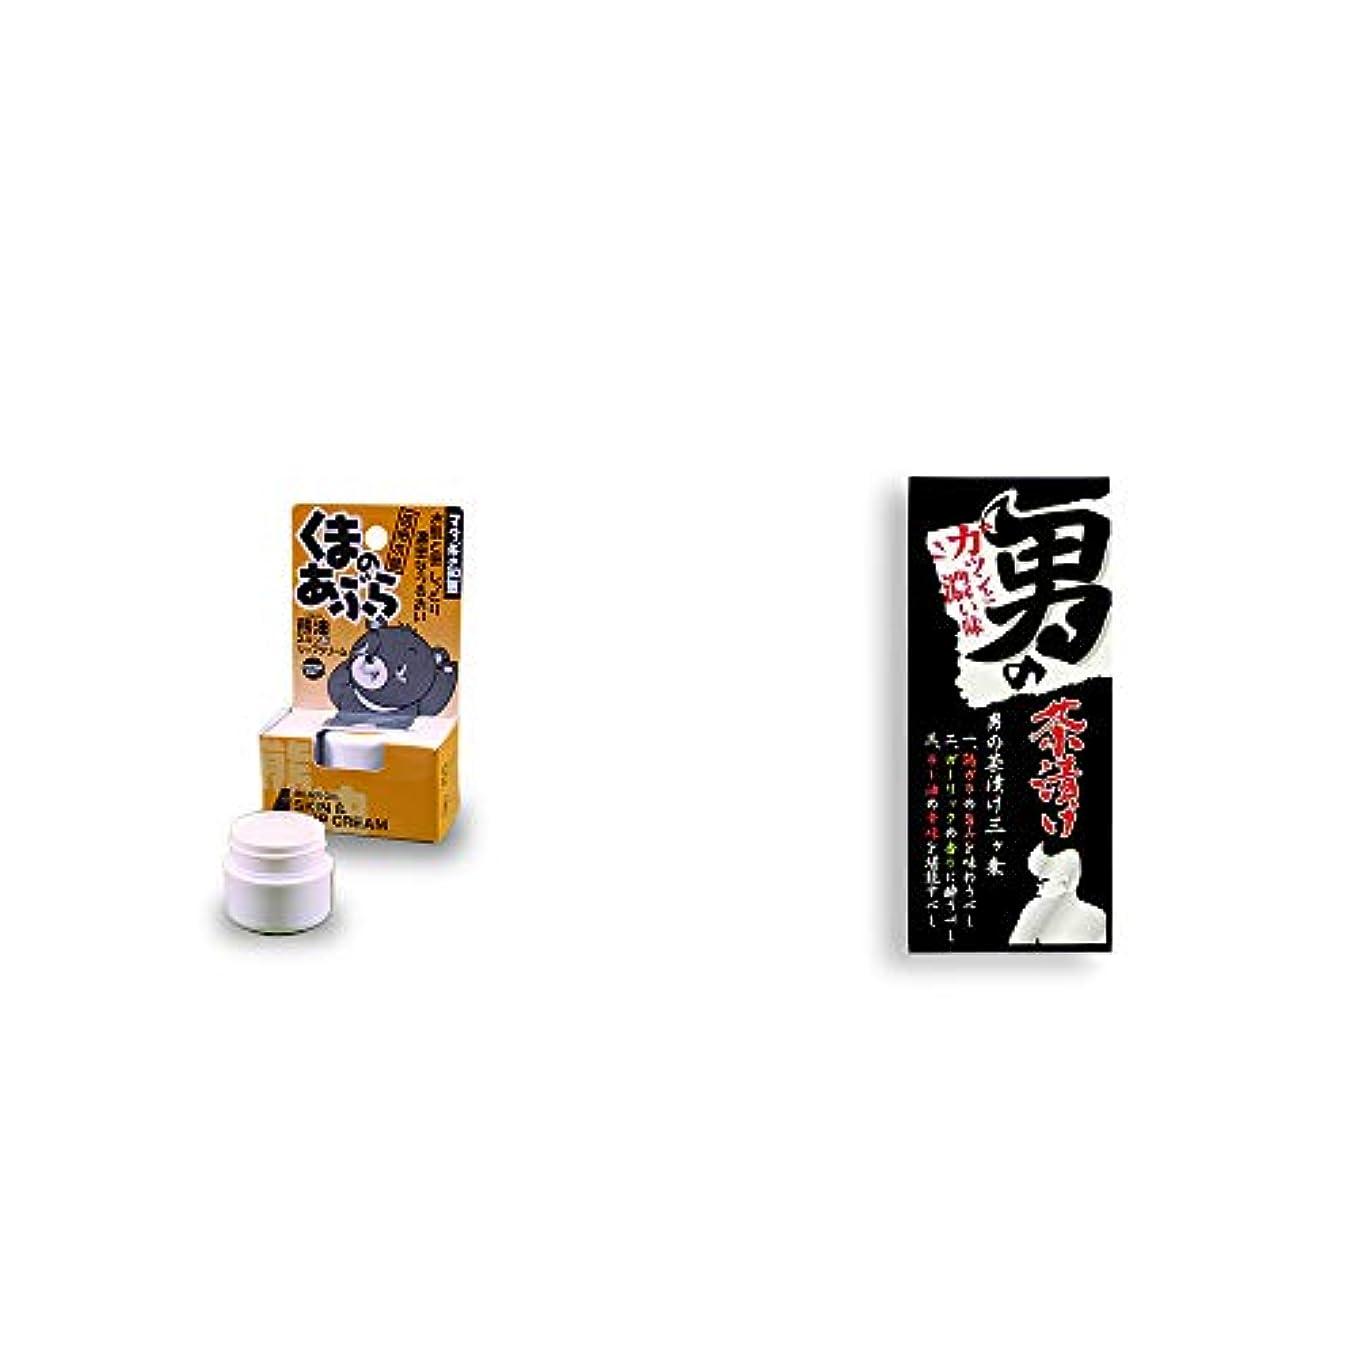 ストレージこっそりベアリングサークル[2点セット] 信州木曽 くまのあぶら 熊油スキン&リップクリーム(9g)?男の茶漬け(4.8g×8袋)